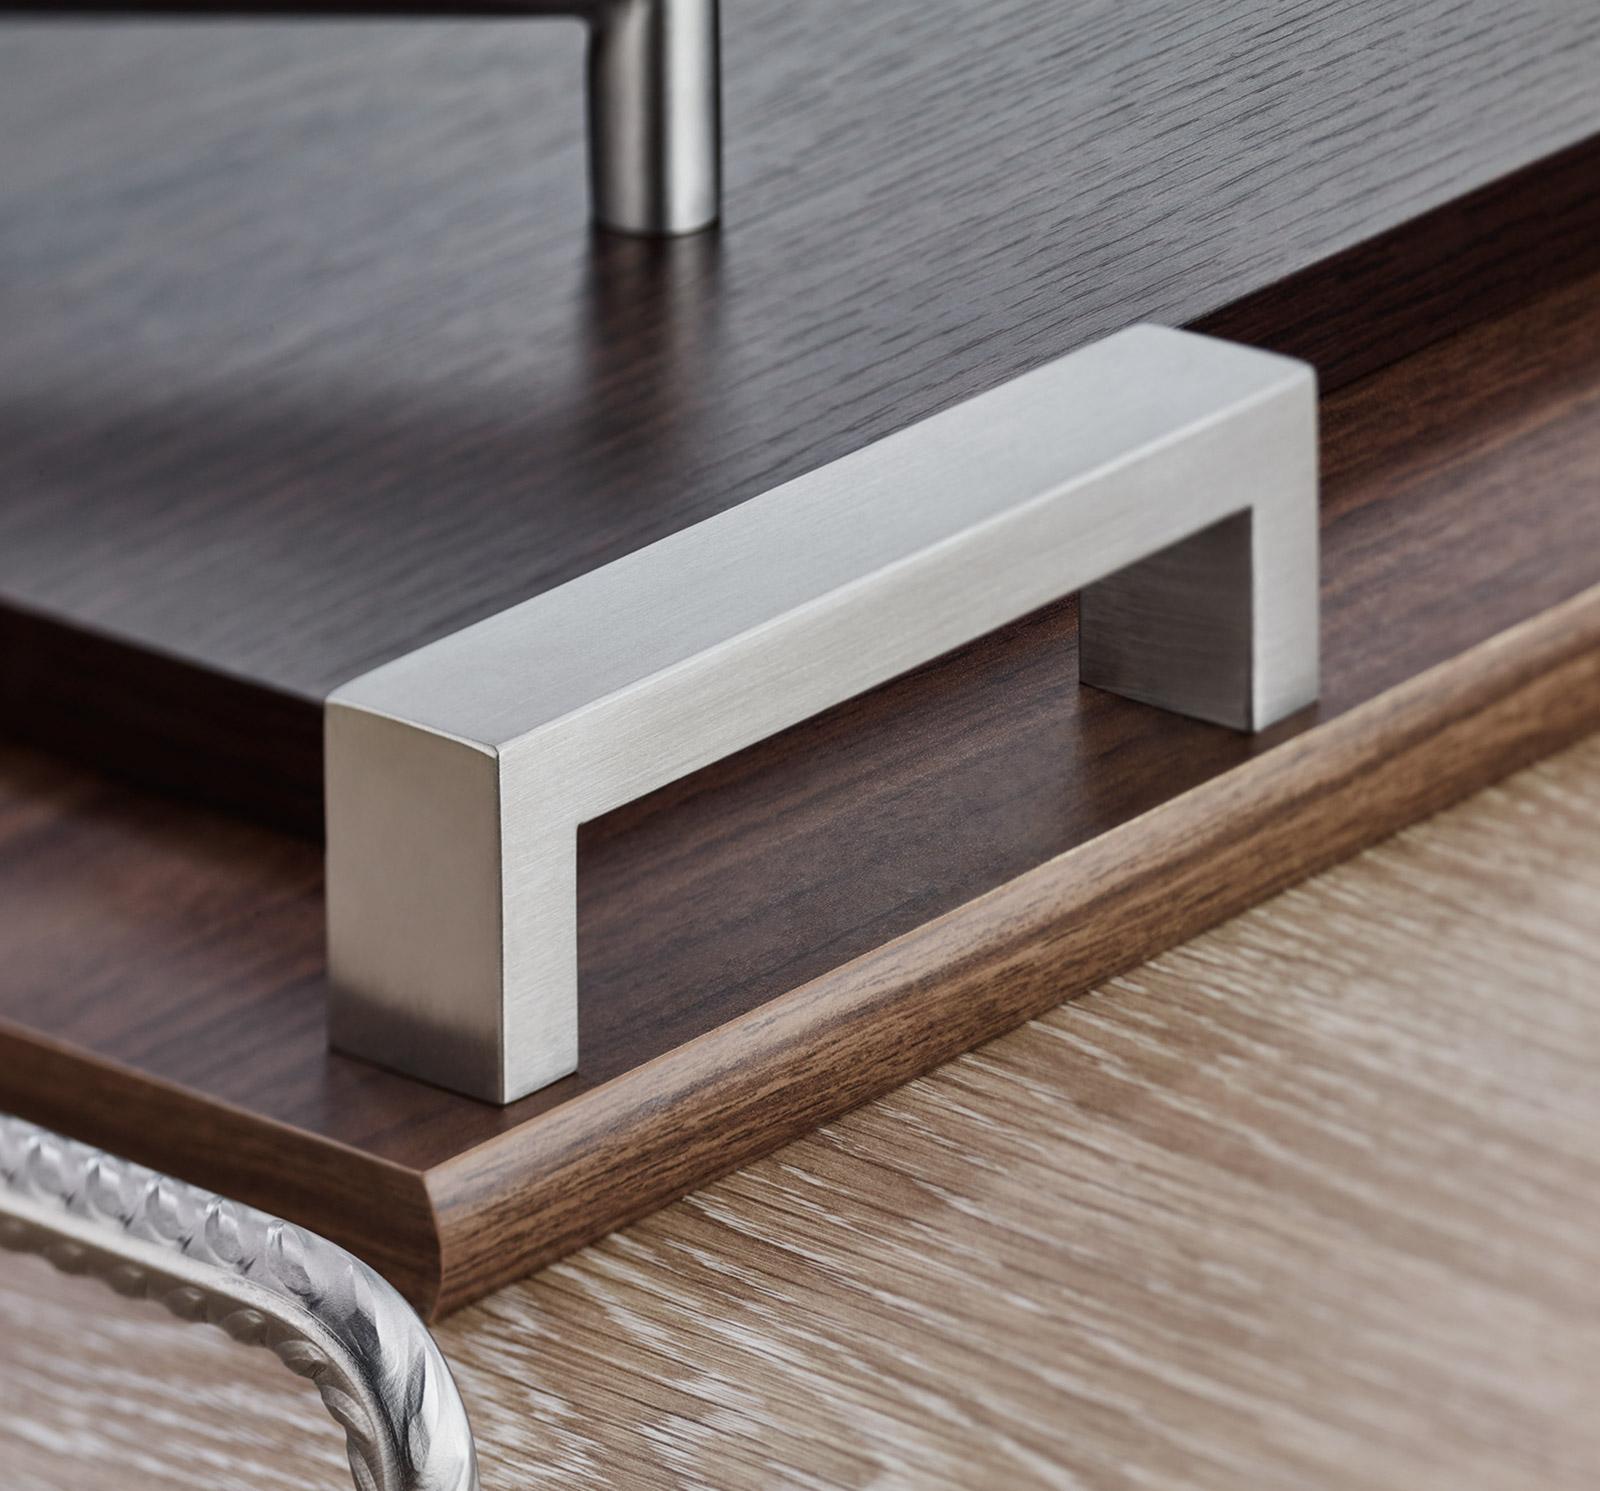 Full Size of Küchenschrank Griffe Trdrcker Online Bei Hfele Küche Möbelgriffe Wohnzimmer Küchenschrank Griffe